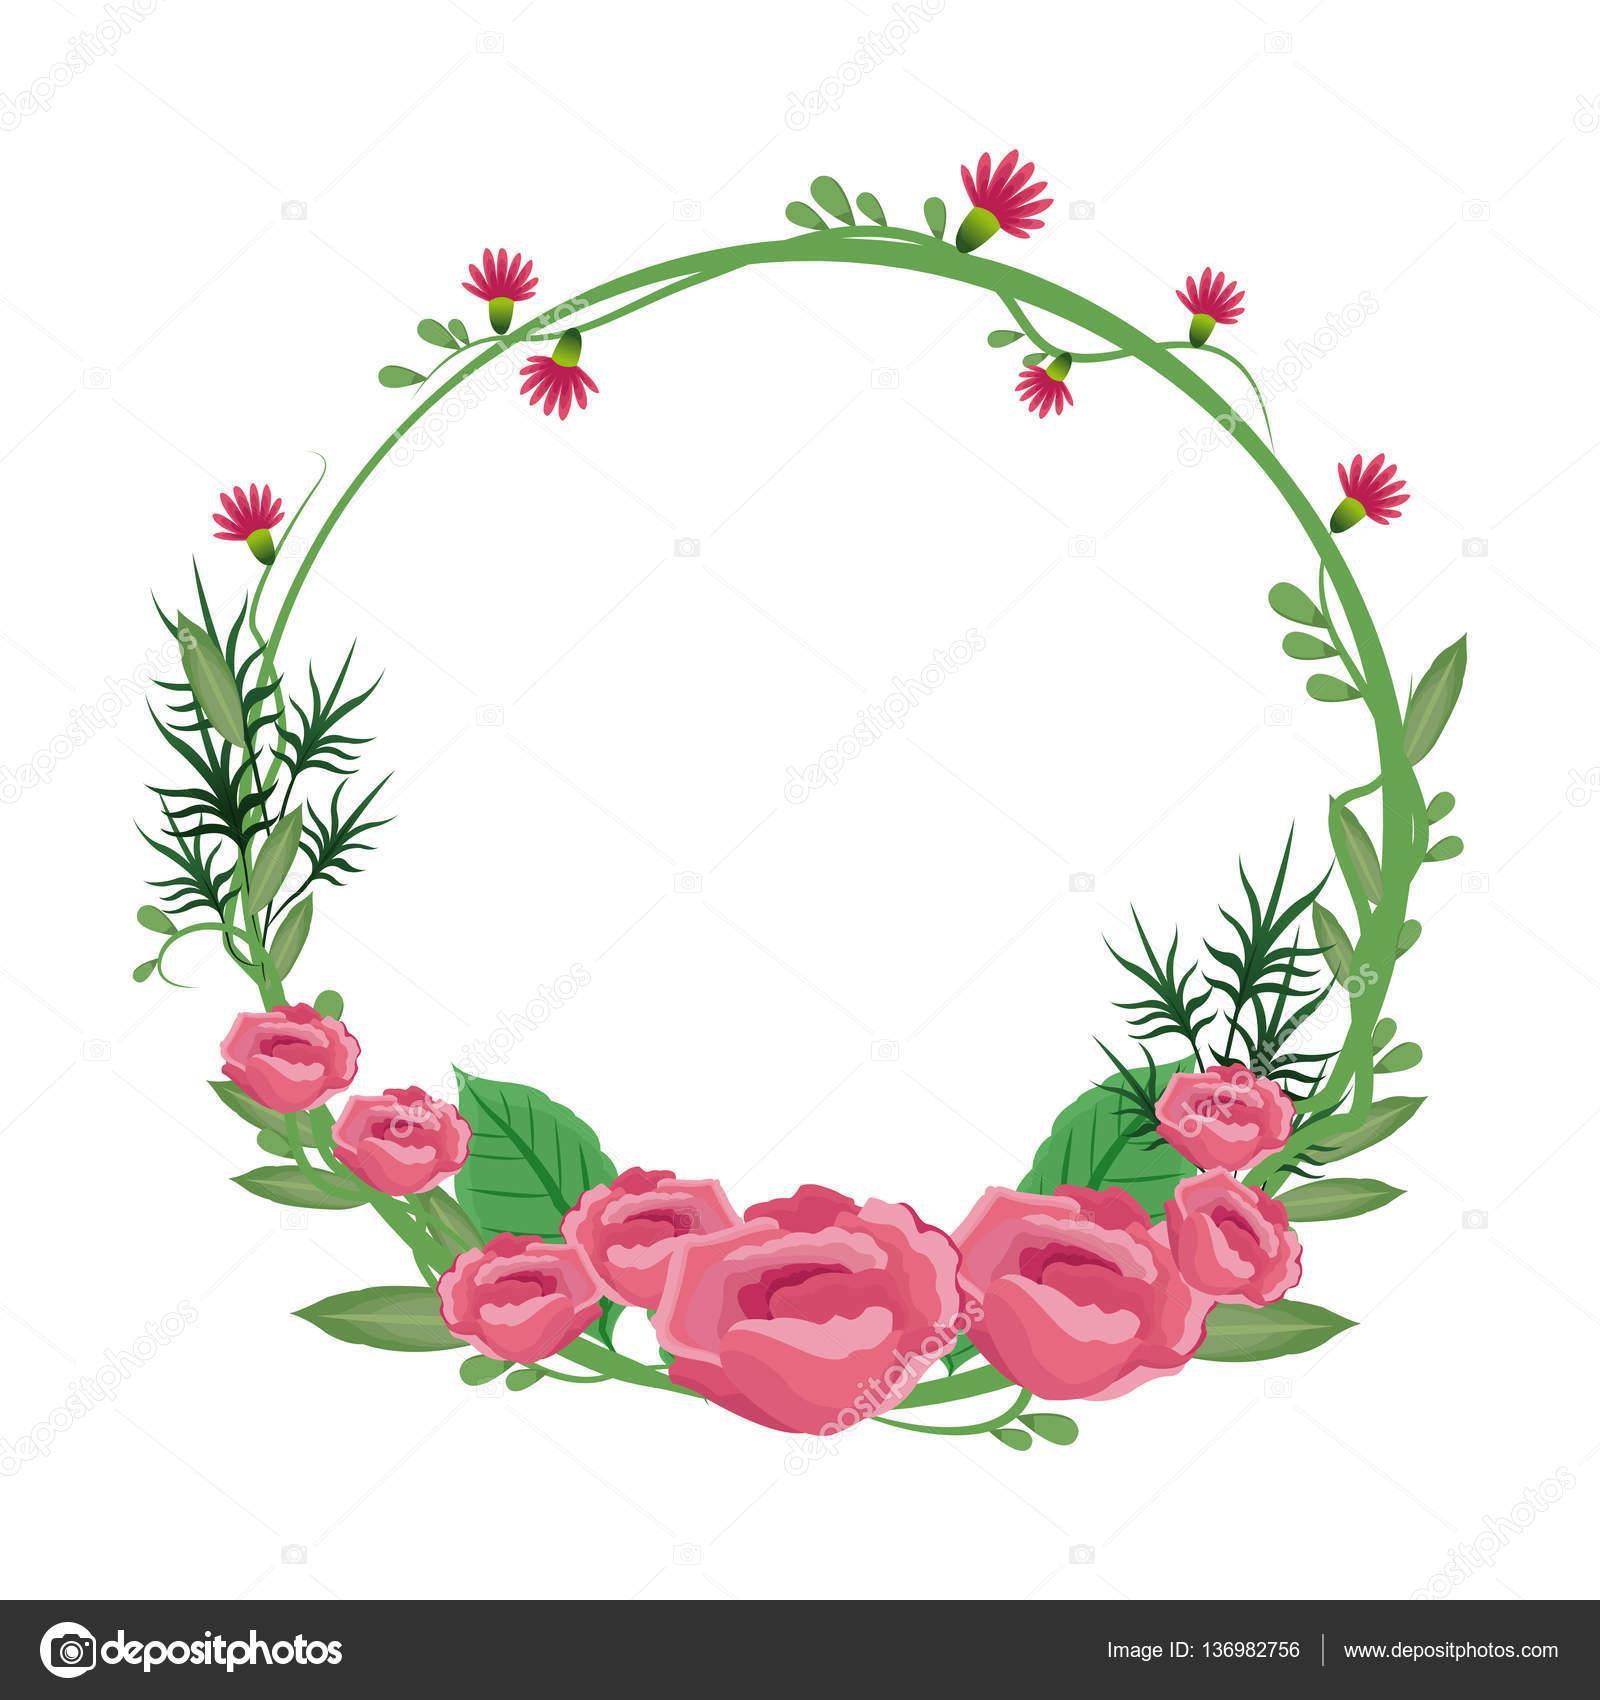 marco redondo corona rosas flores de flores — Vector de stock ...